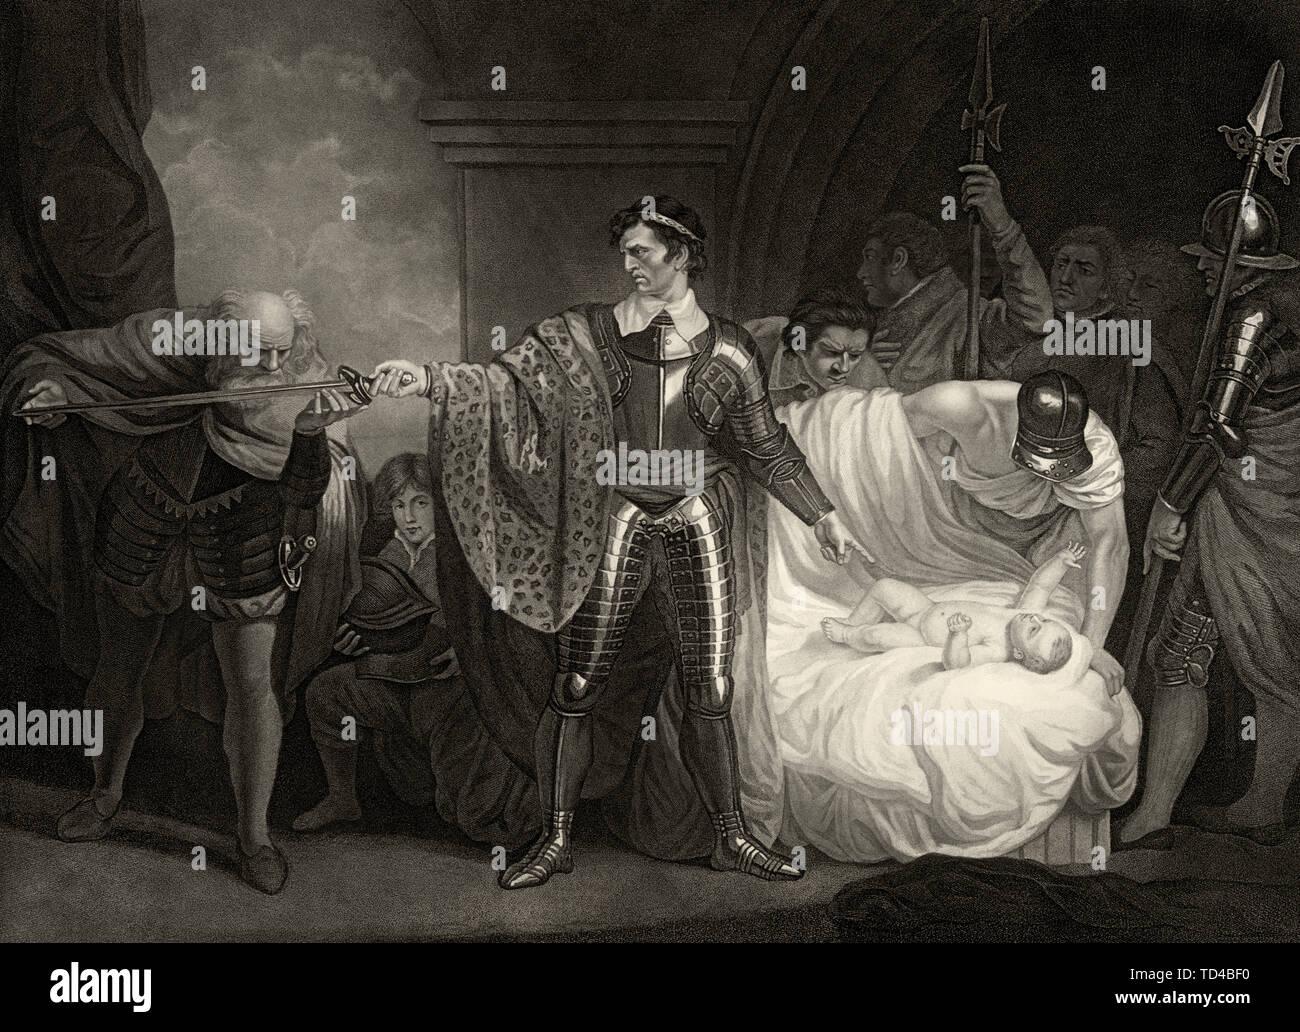 Atto II, scena 3: l'inverno del racconto di William Shakespeare. Antigonus giura la sua lealtà alla Leontes, nel tentativo di salvare Leontes' giovane figlia di vita. Immagini Stock